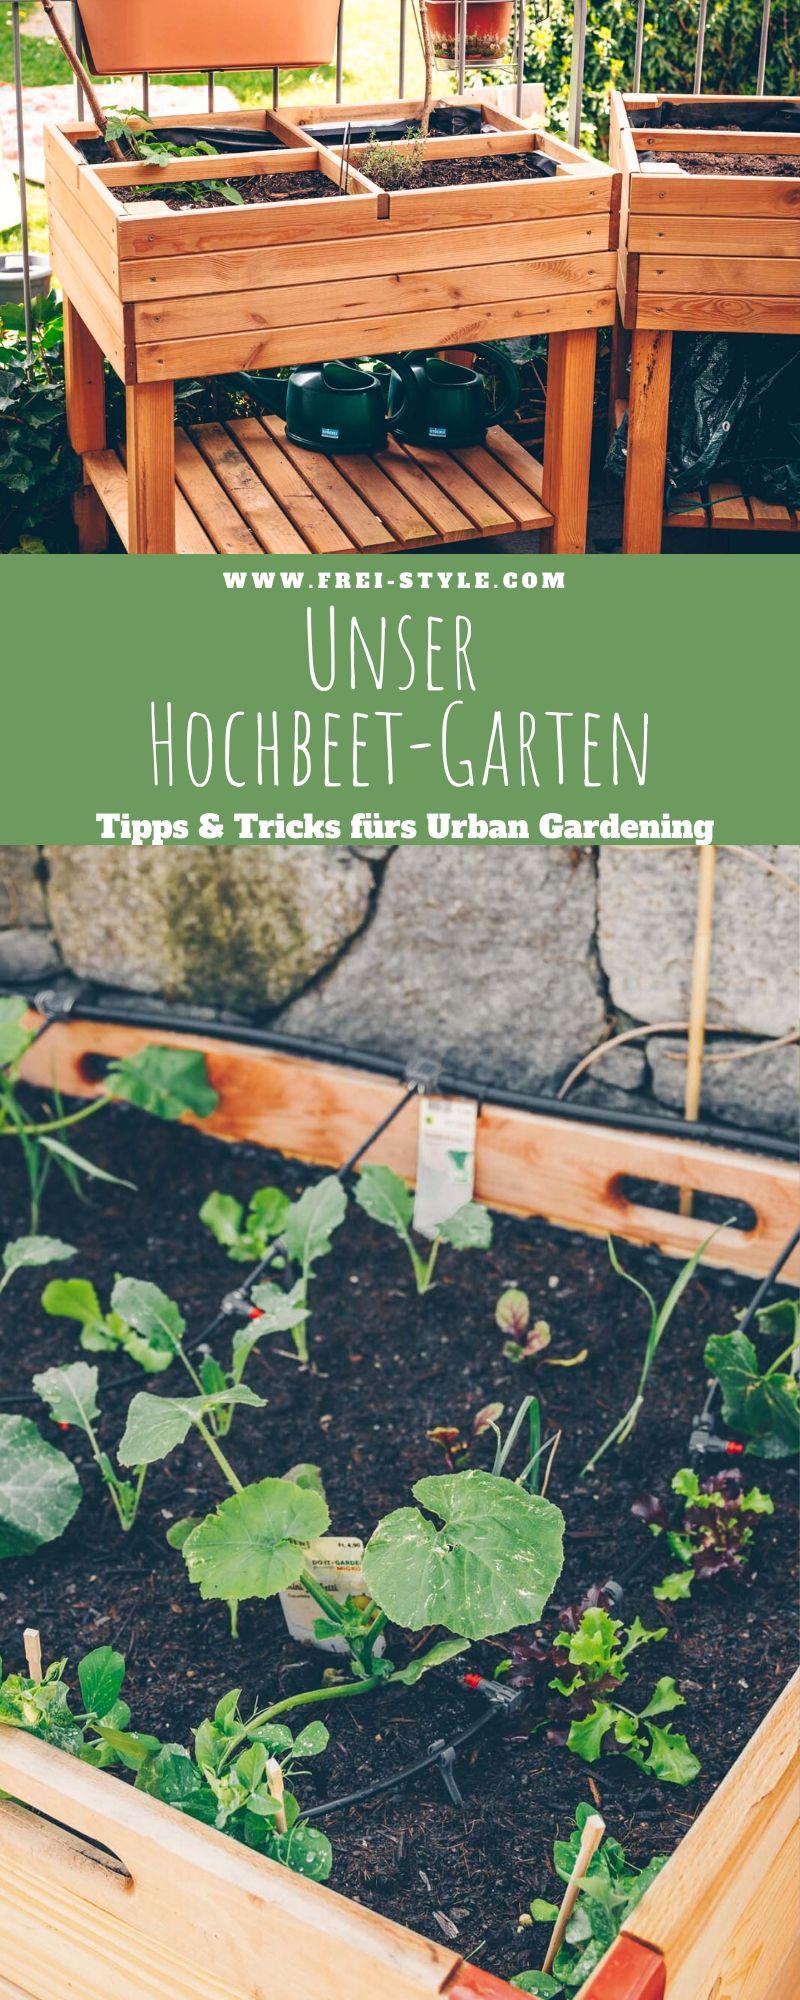 Unser Hochbeetgarten - Tipps und Tricks fürs urbane Gärtnern